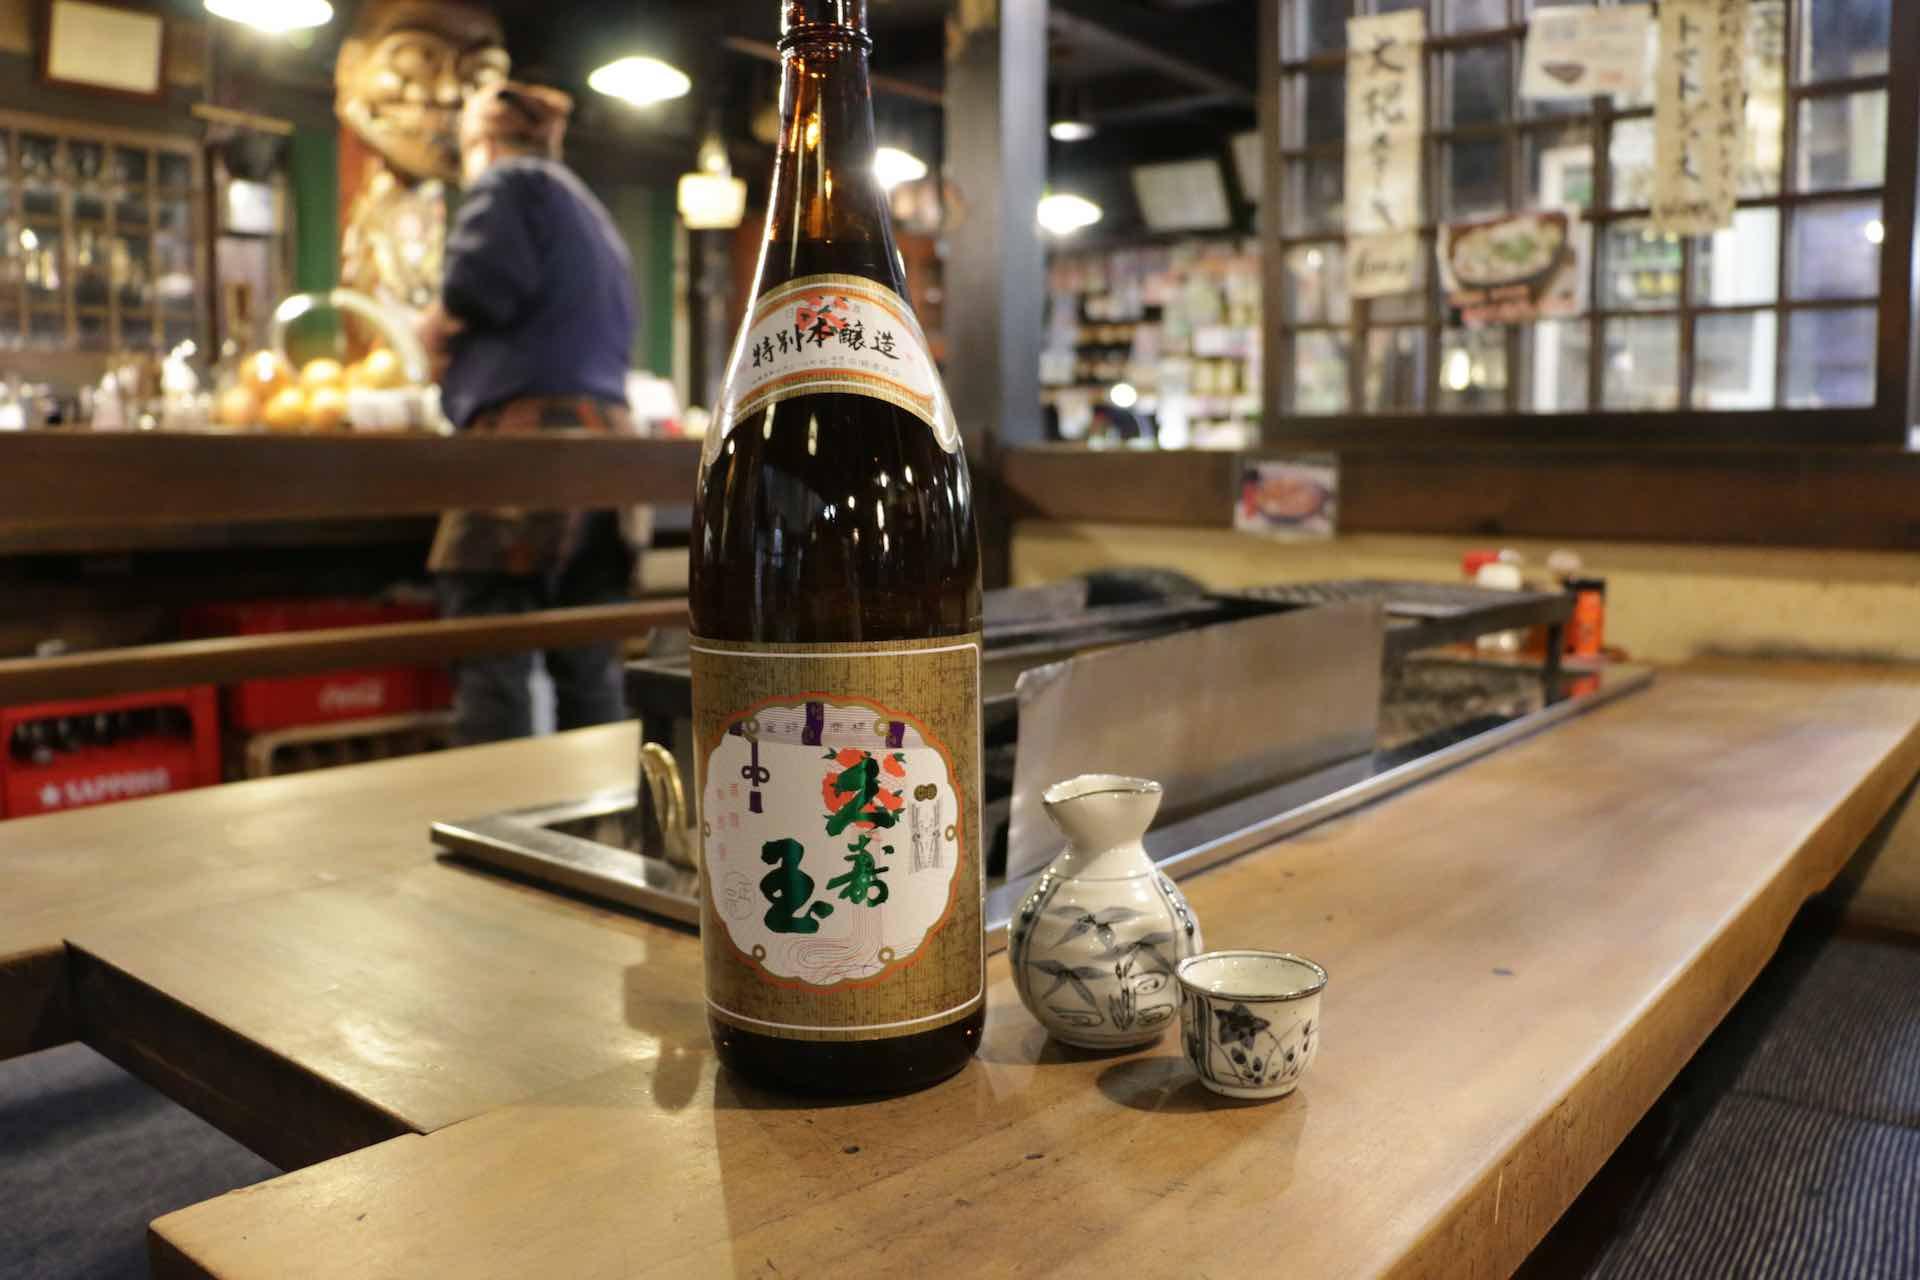 おすすめをお願いした地酒は、地元でも有名だという平瀬酒造の「久寿玉 (くすだま) 」